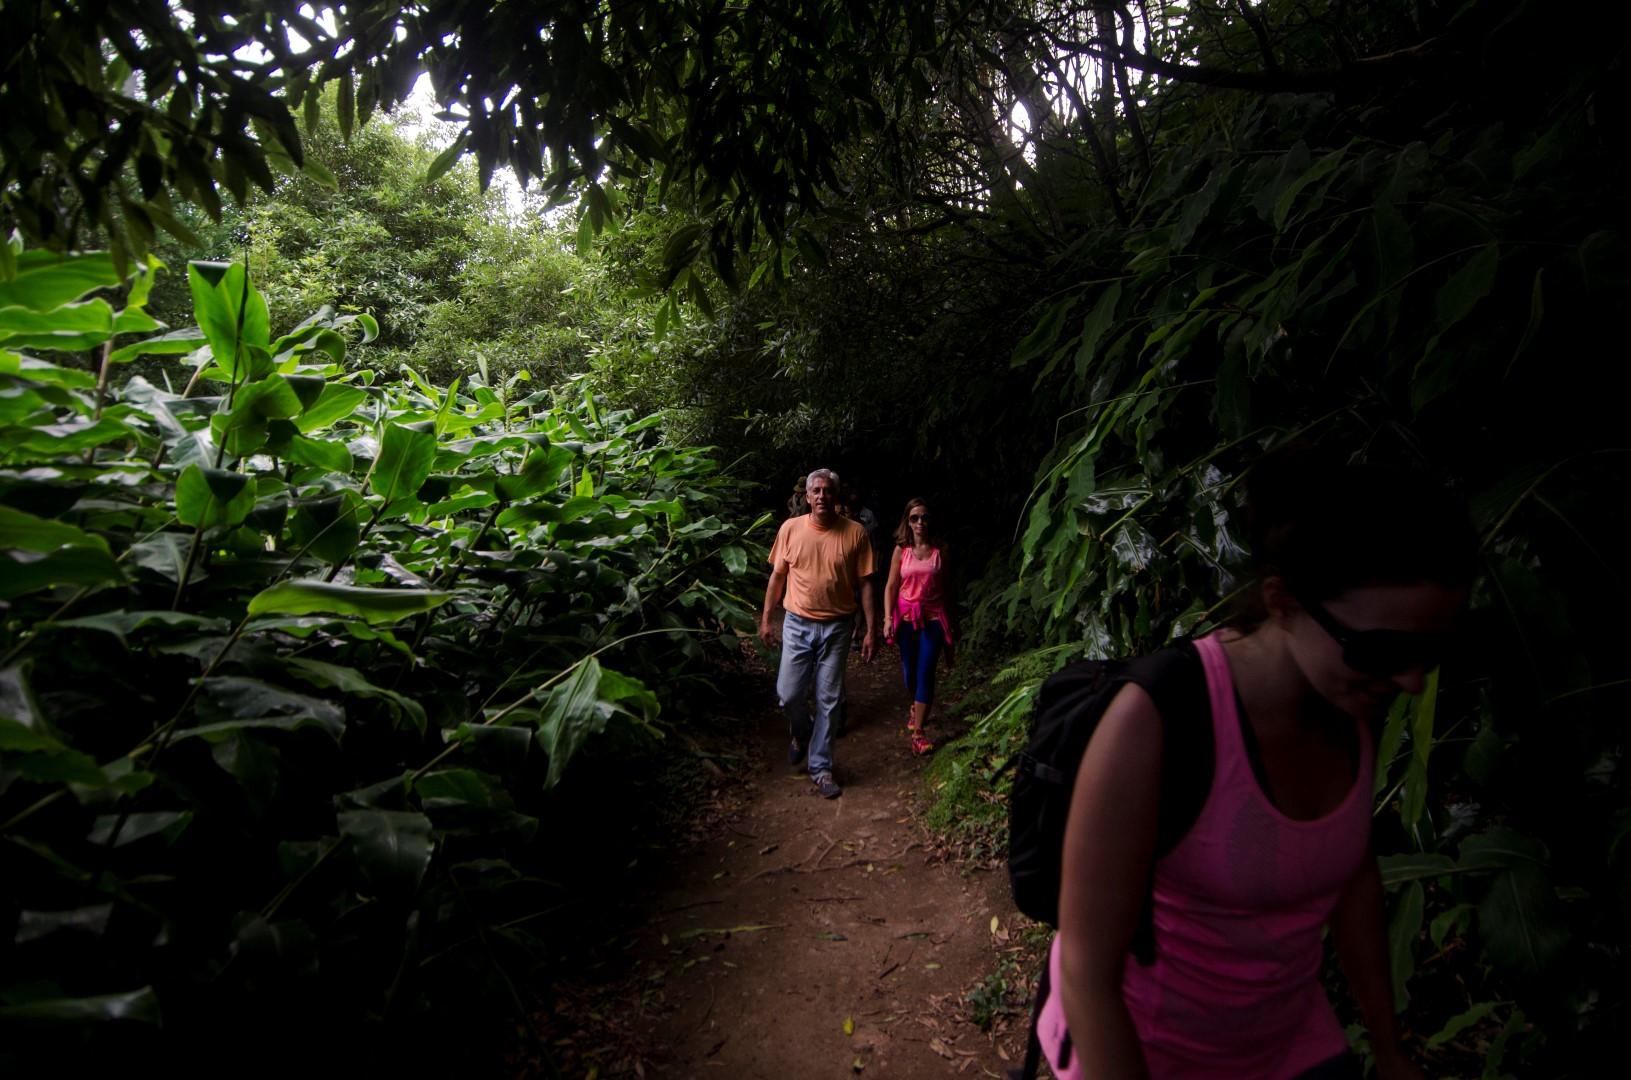 Duarte Freitas defende qualificação da oferta turística